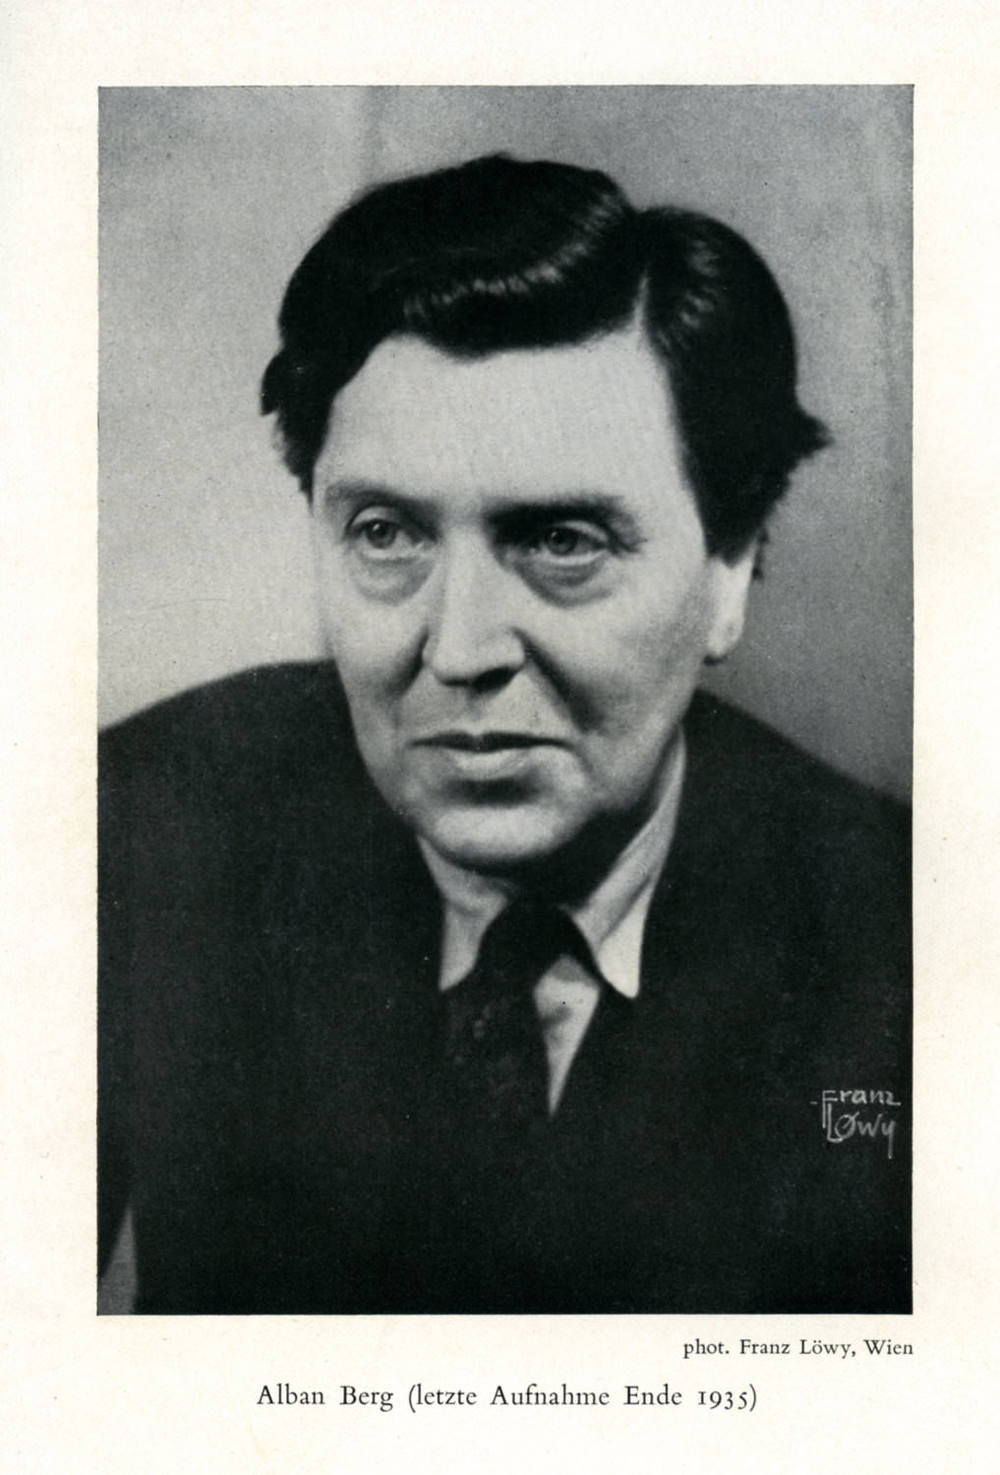 Abb. 13:»Alban Berg (letzte Aufnahme Ende 1935)«, Foto: Franz Löwy, abgebildet in: Willi Reich, Alban Berg, Wien/Leipzig/Zürich 1937, o. S. © Zentrum Paul Klee, Bern, Bildarchiv